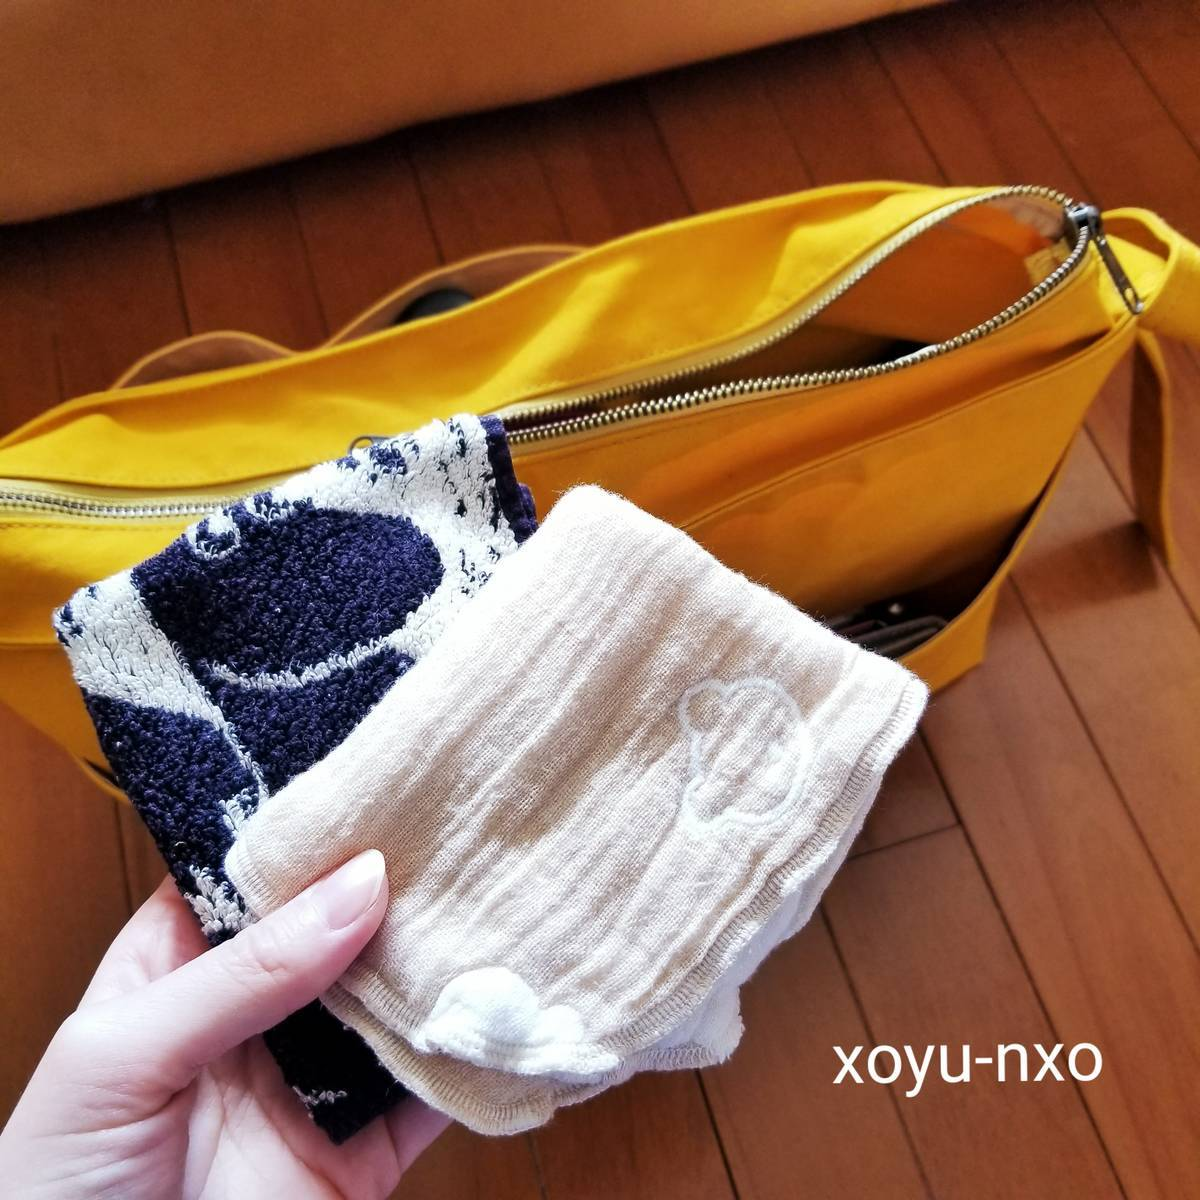 f:id:xoyu-nxo:20201105211046j:plain